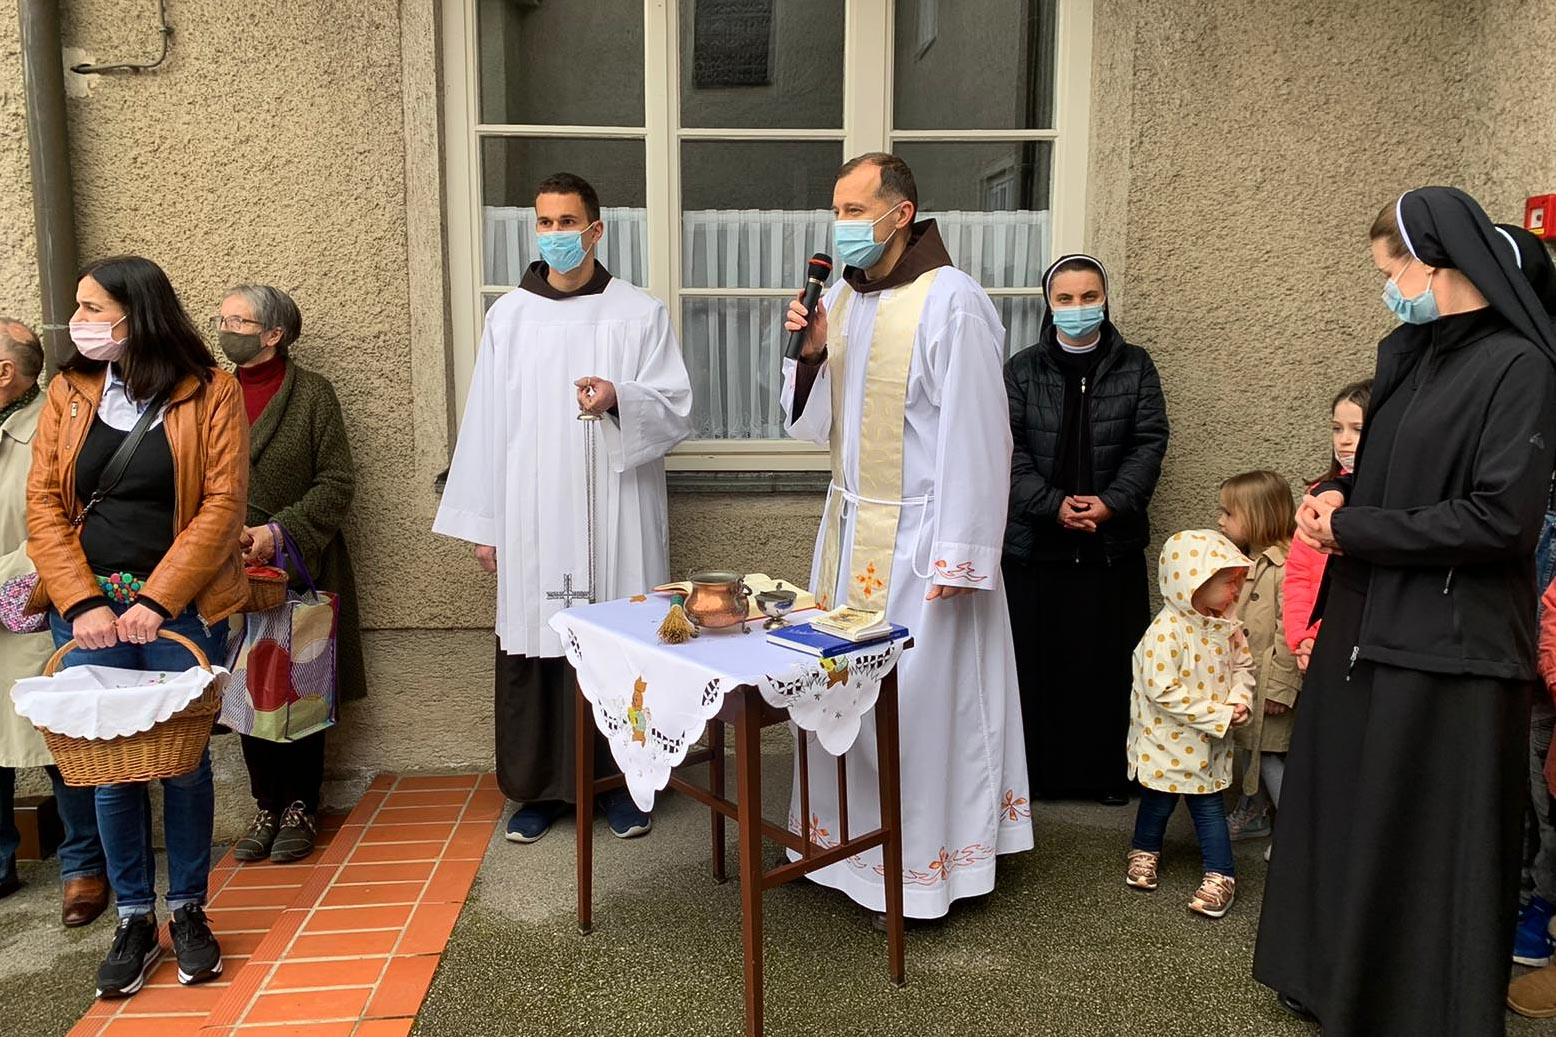 Spm-20210403-uskrsni-blagoslov-jela-u-samostanu-sv-ivana-krstitelja-u-samoboru-008